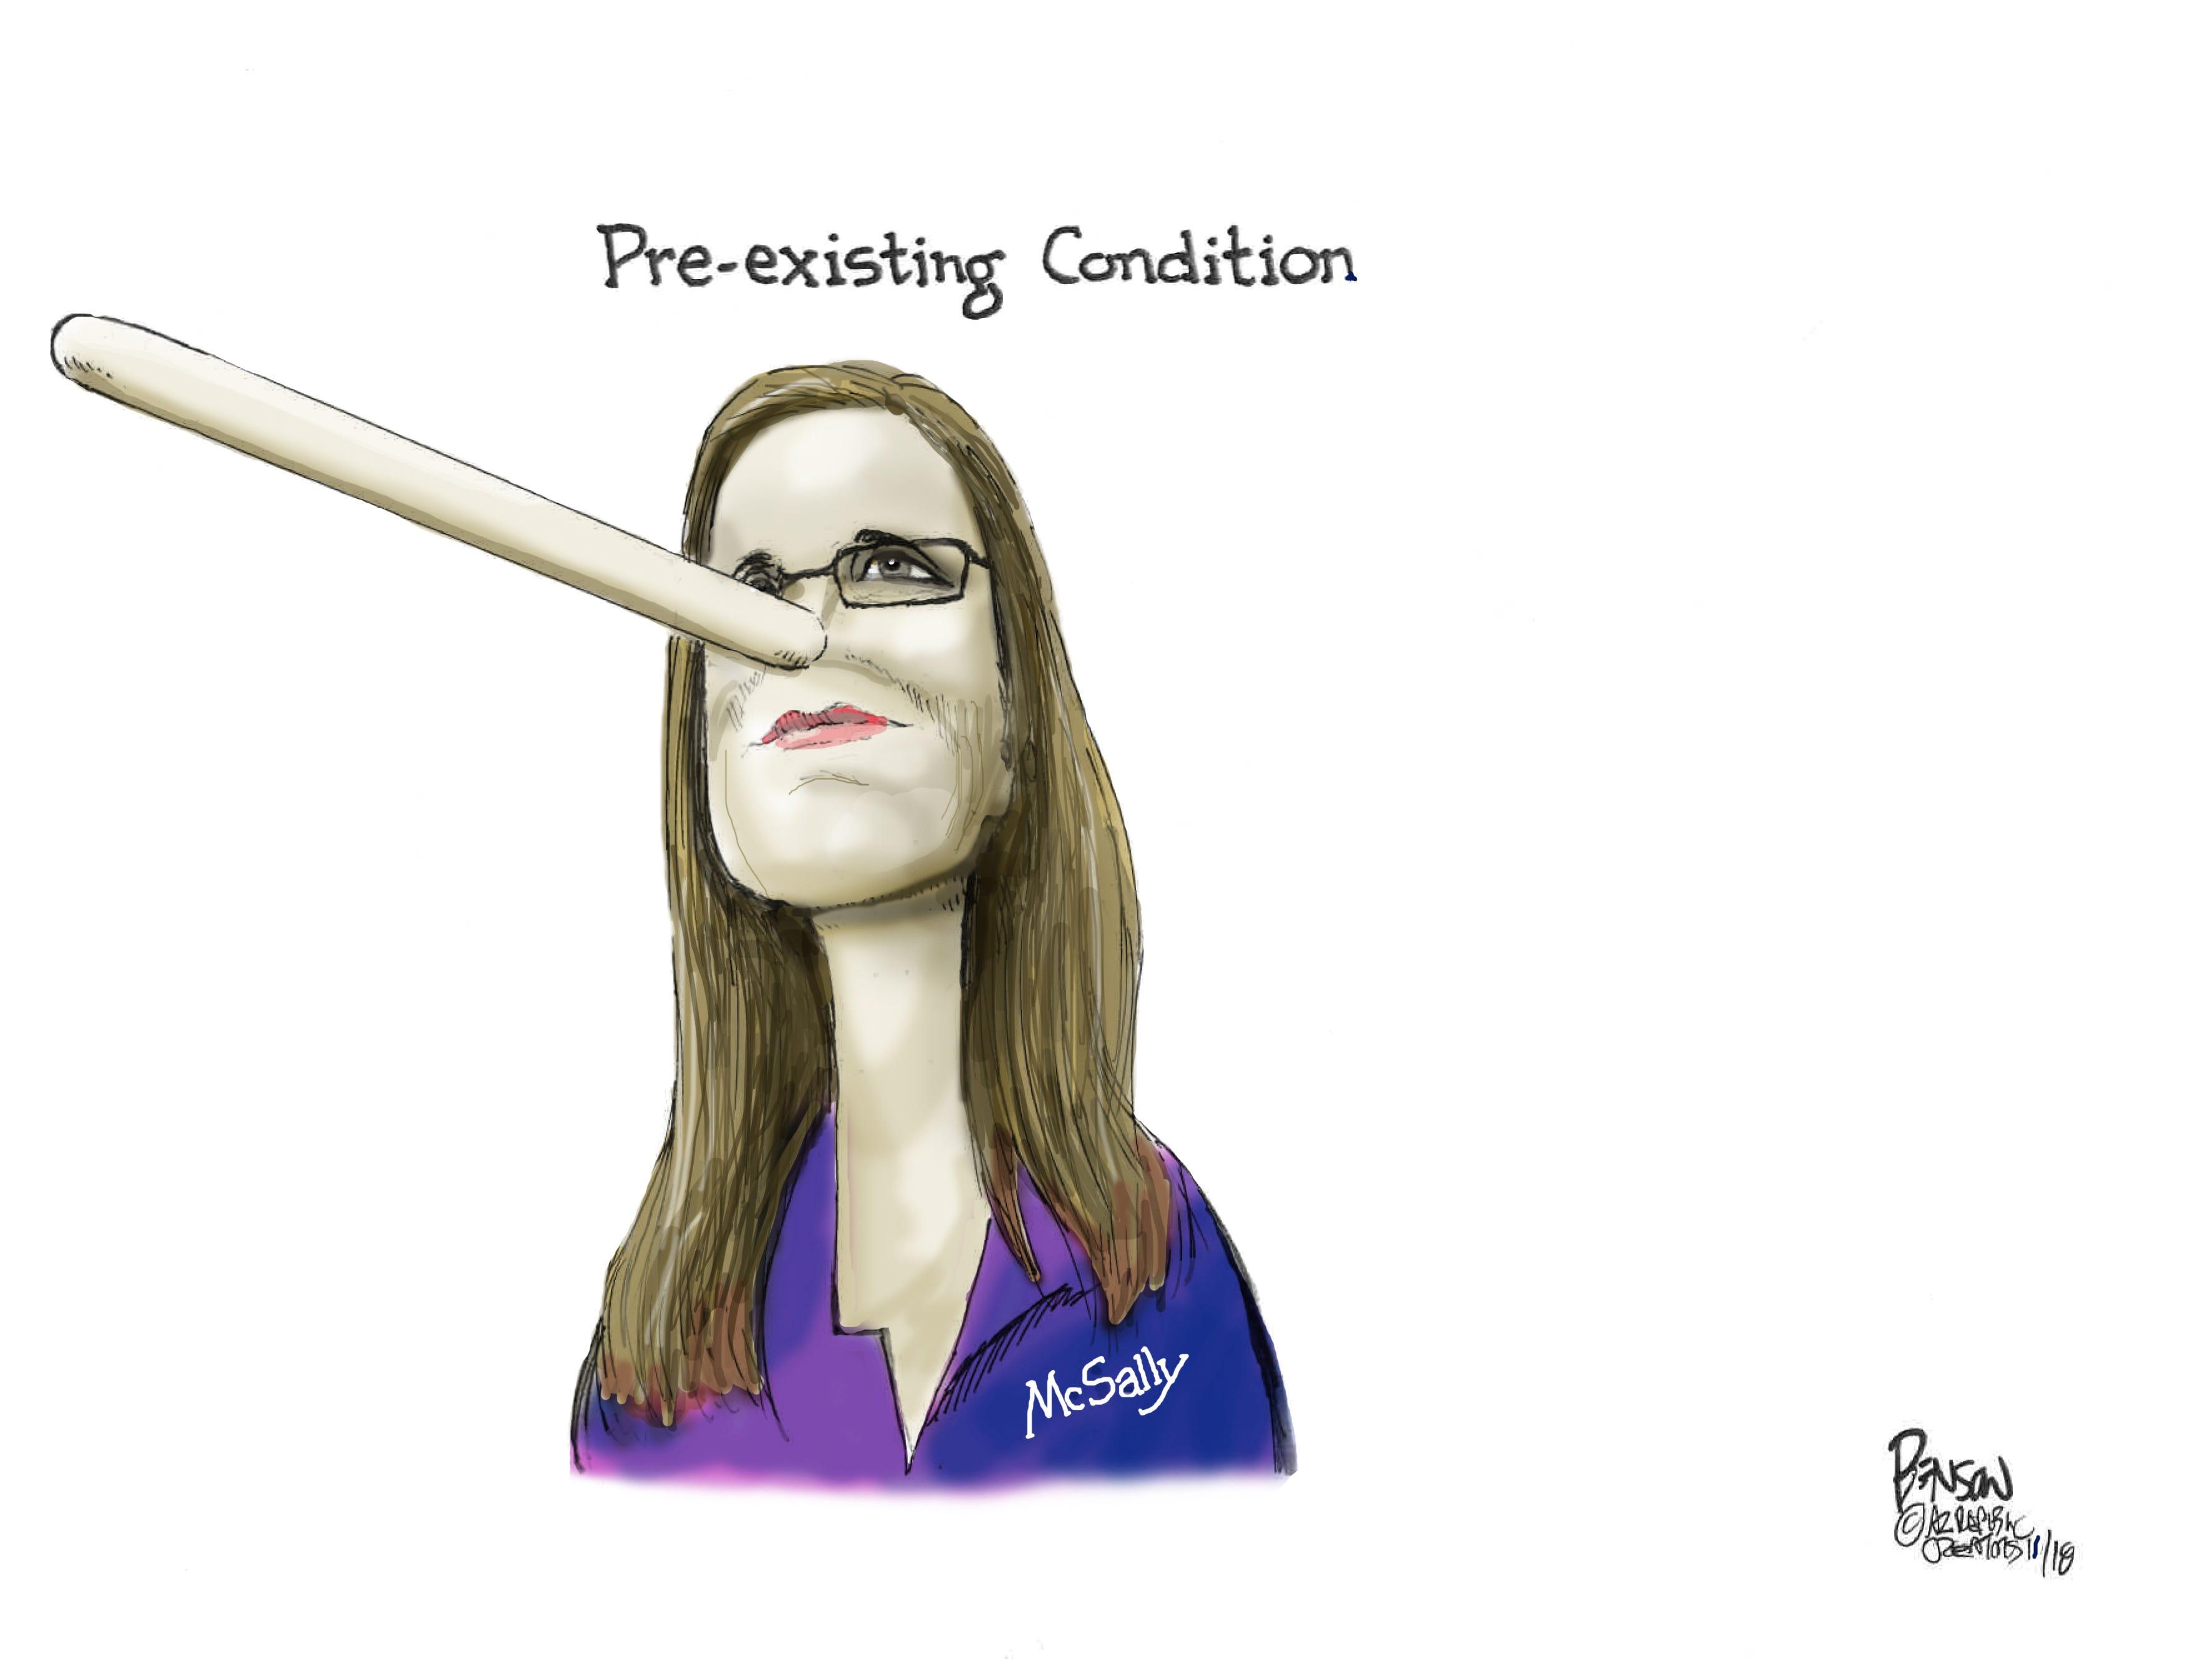 Cartoon for Nov. 1, 2018.